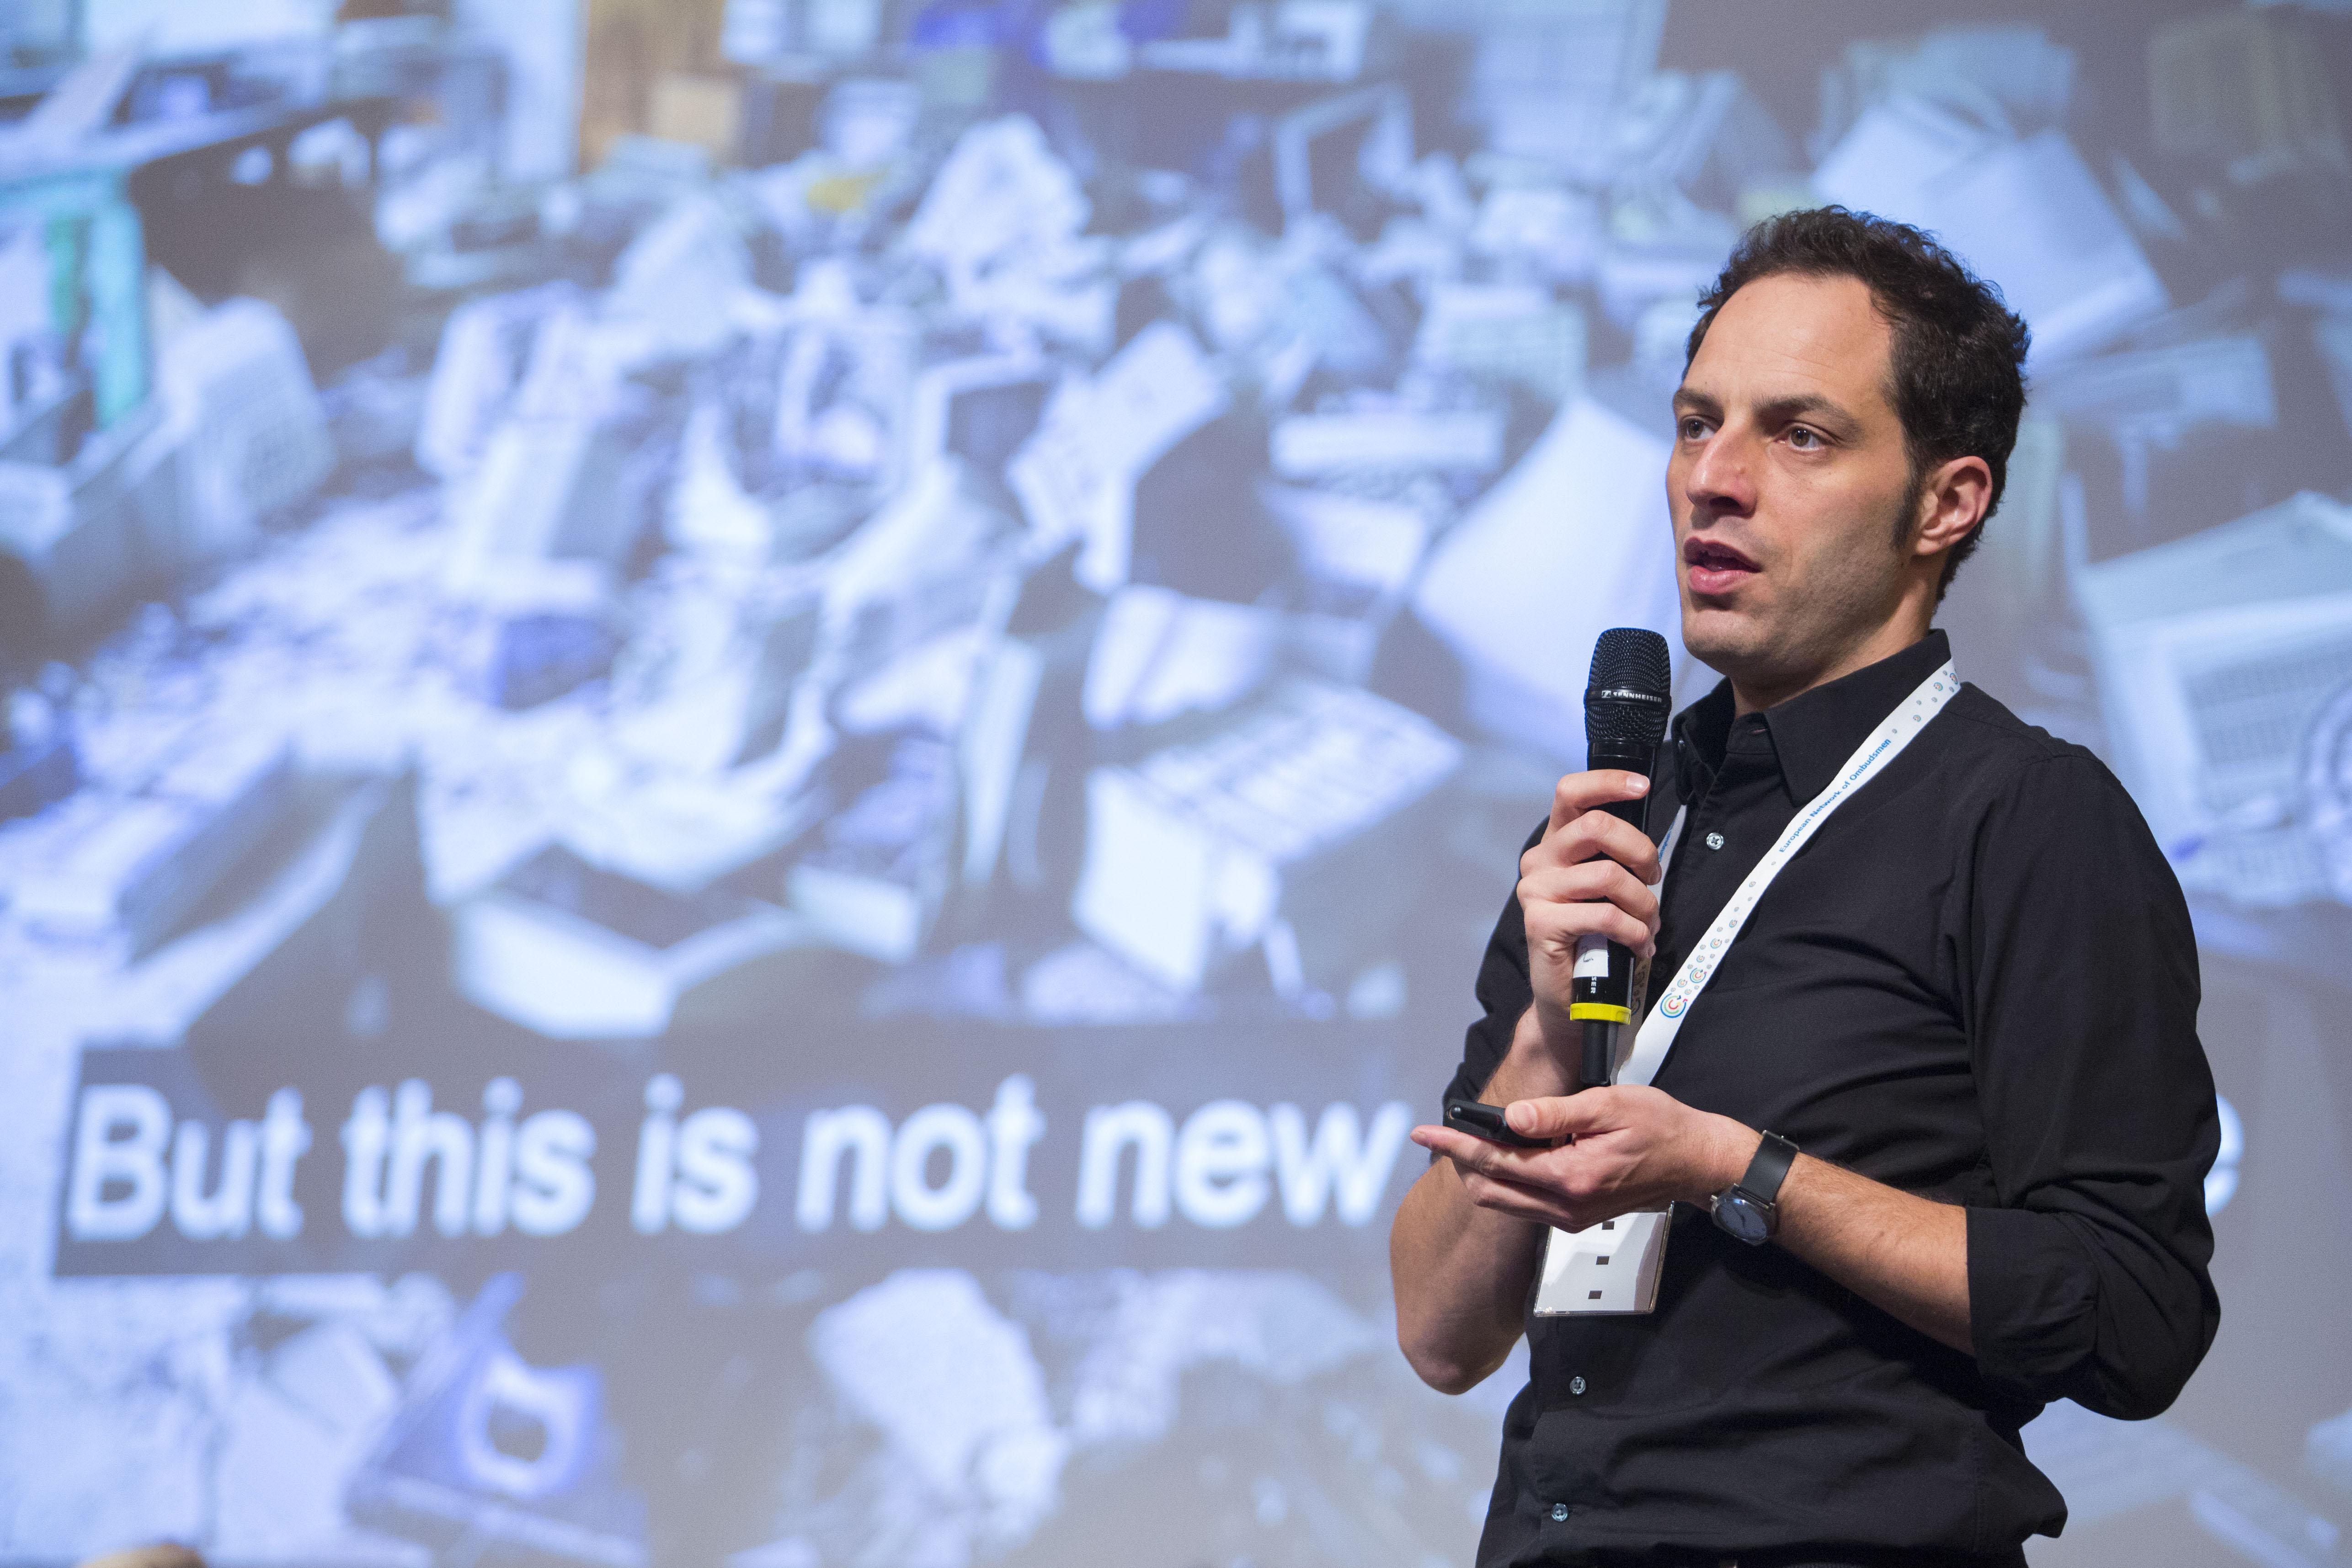 Jon Worth, Social Media Expert